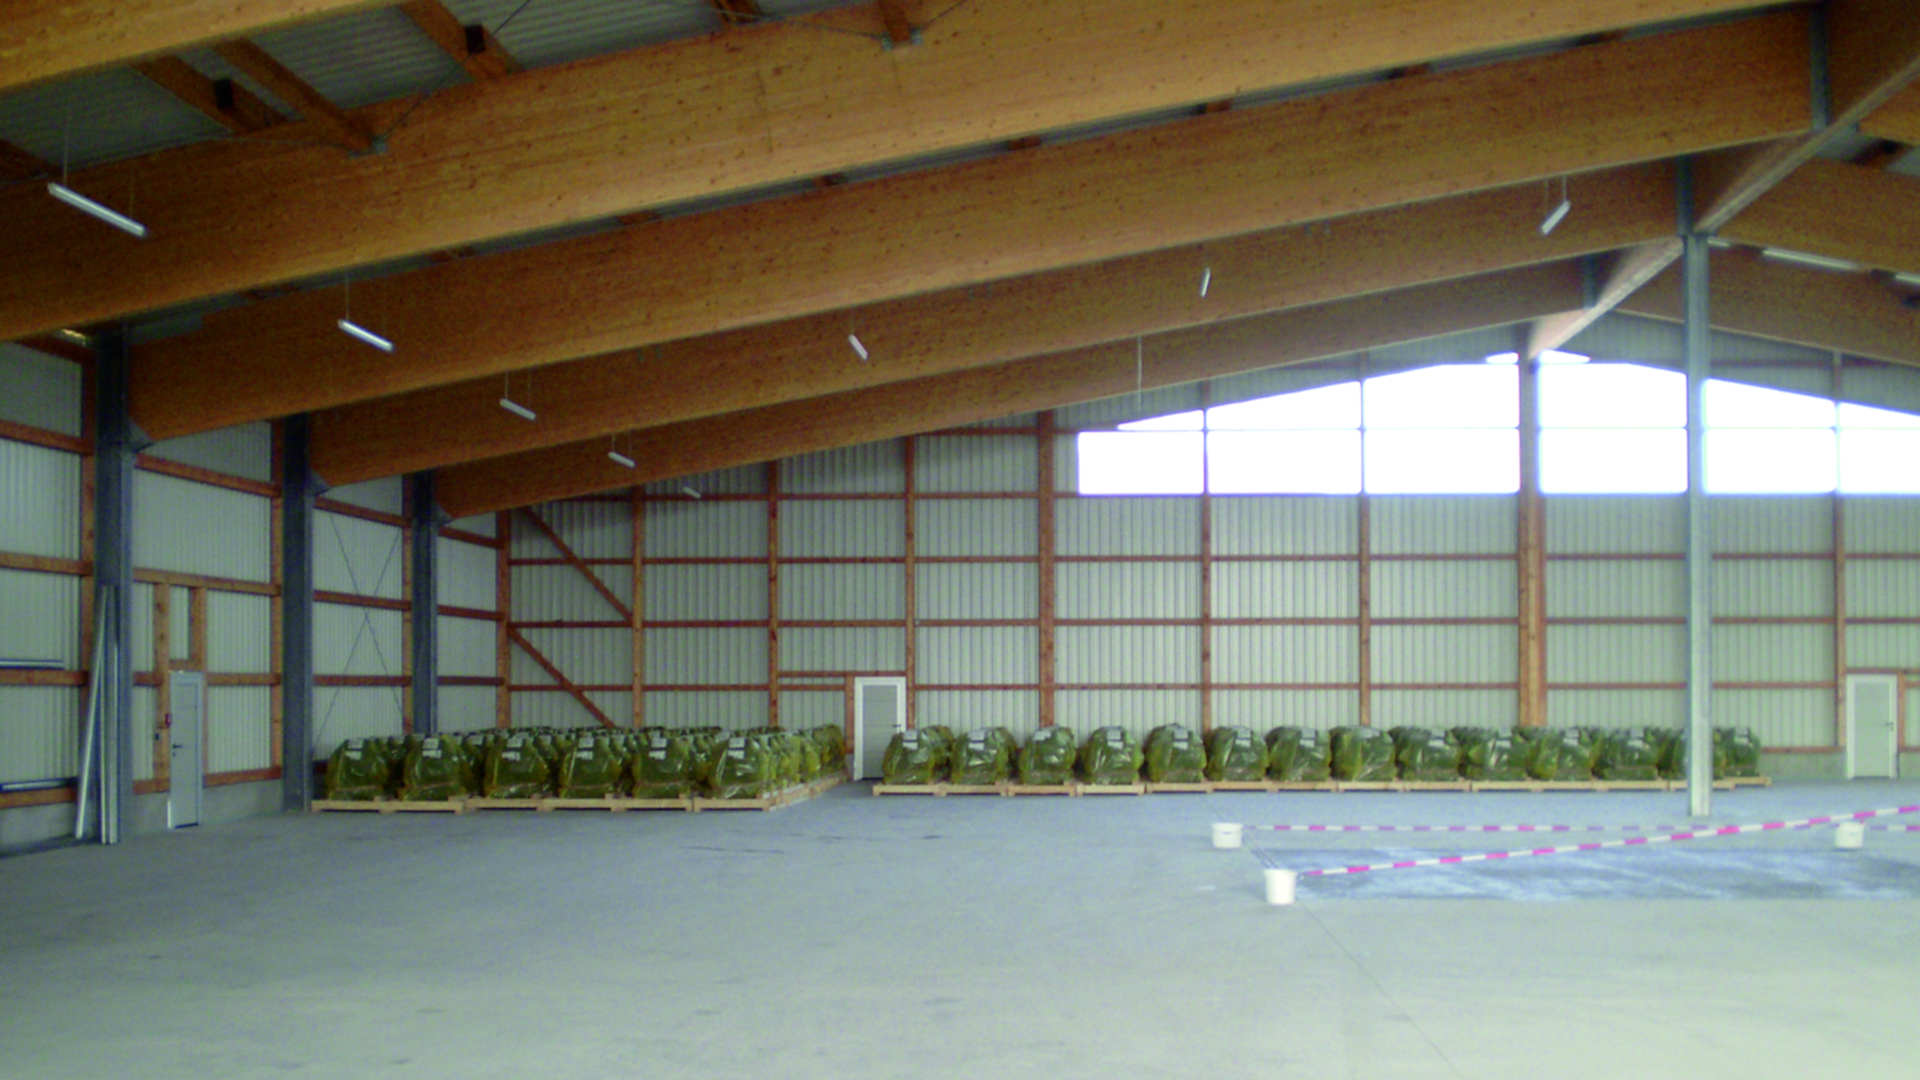 Gewerbehalle erbaut durch das Baugeschäft W. Semtner GmbH in Mauerstetten bei Kaufbeuren